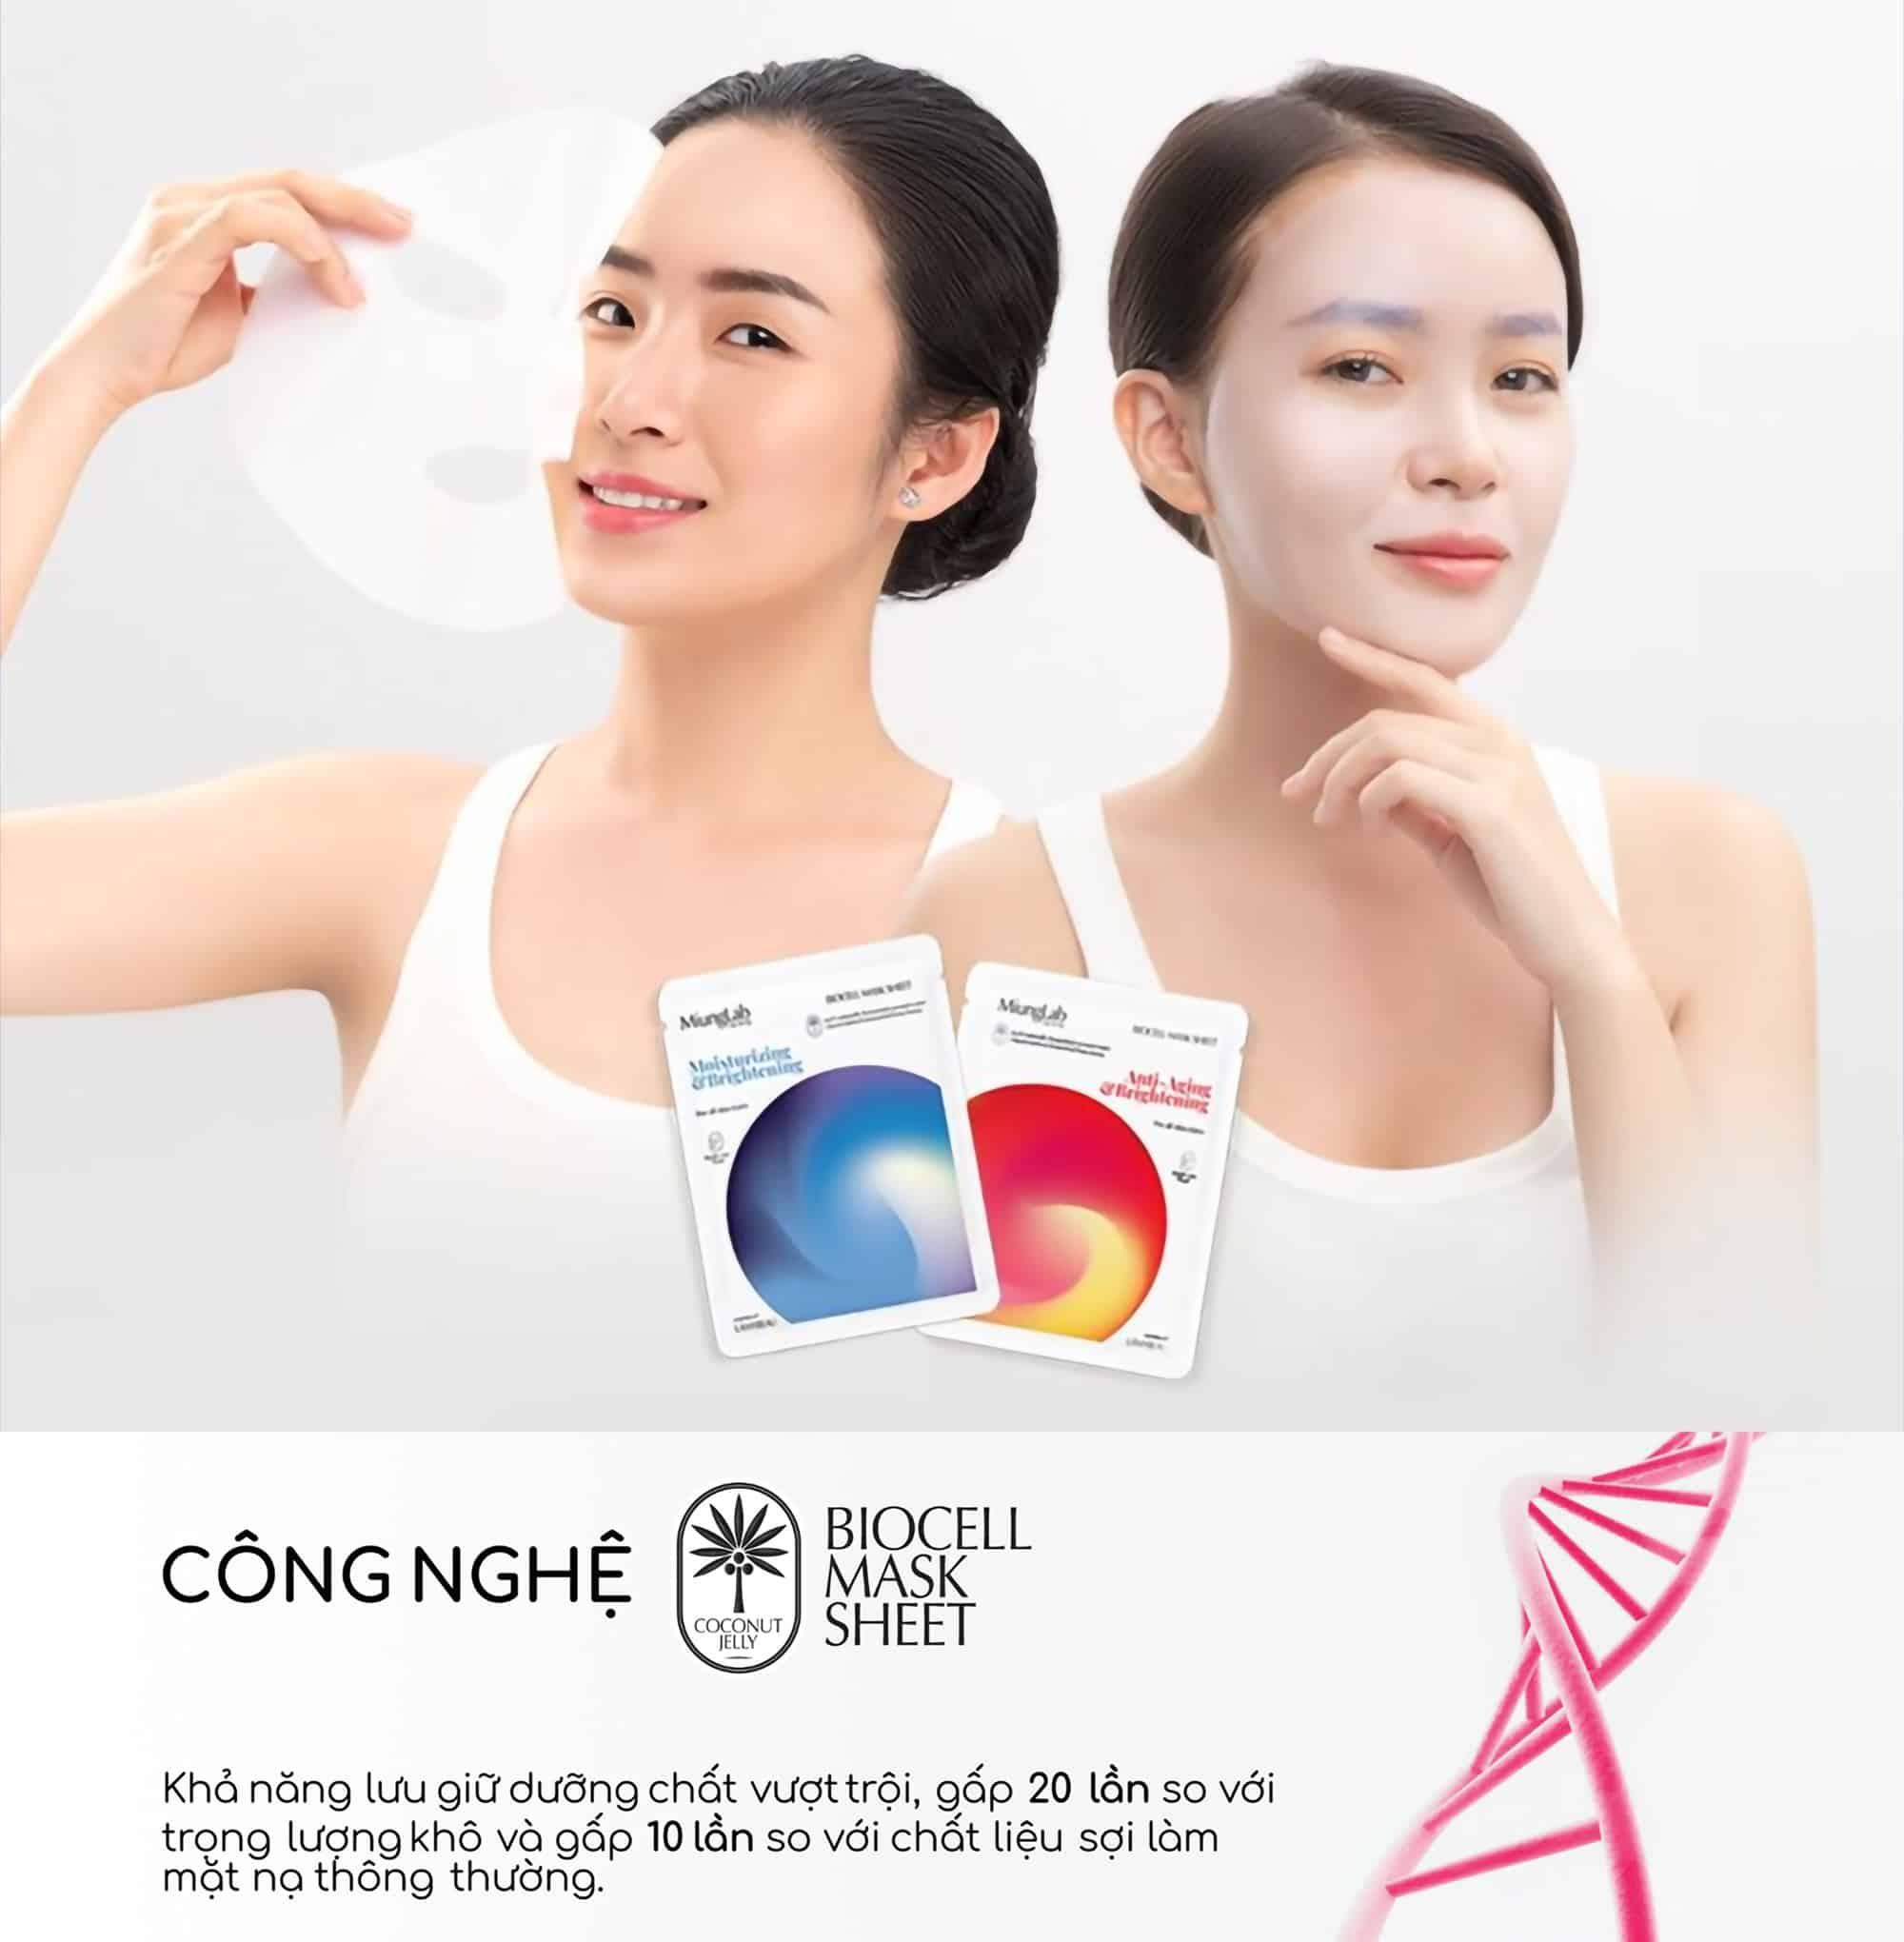 uu điểm vượt trội của mặt nạ miung lab hàn quốc myphamhera.com